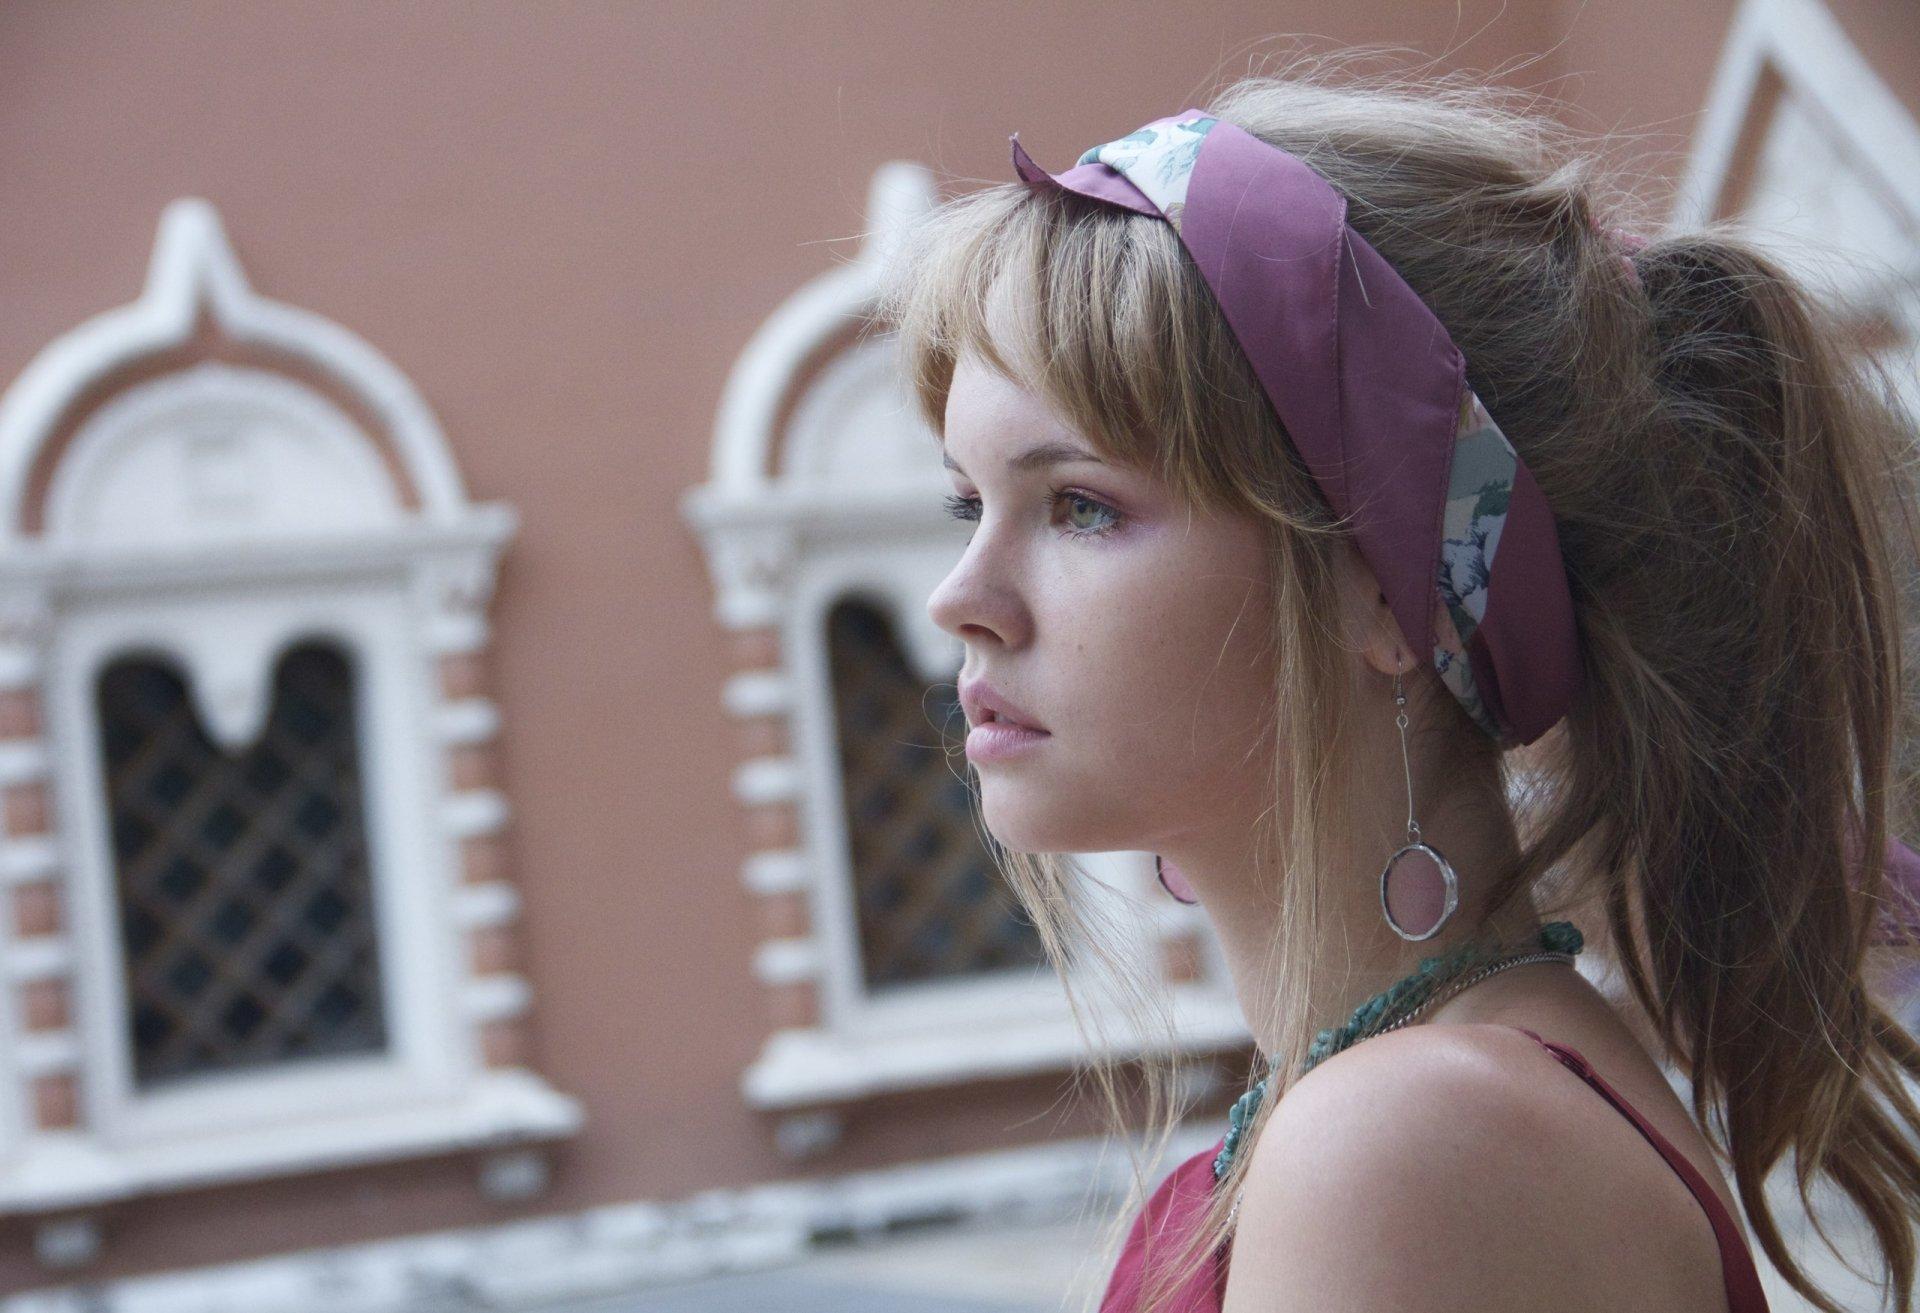 女性 - 安娜·斯塔西娅  面容 Long Hair 壁纸